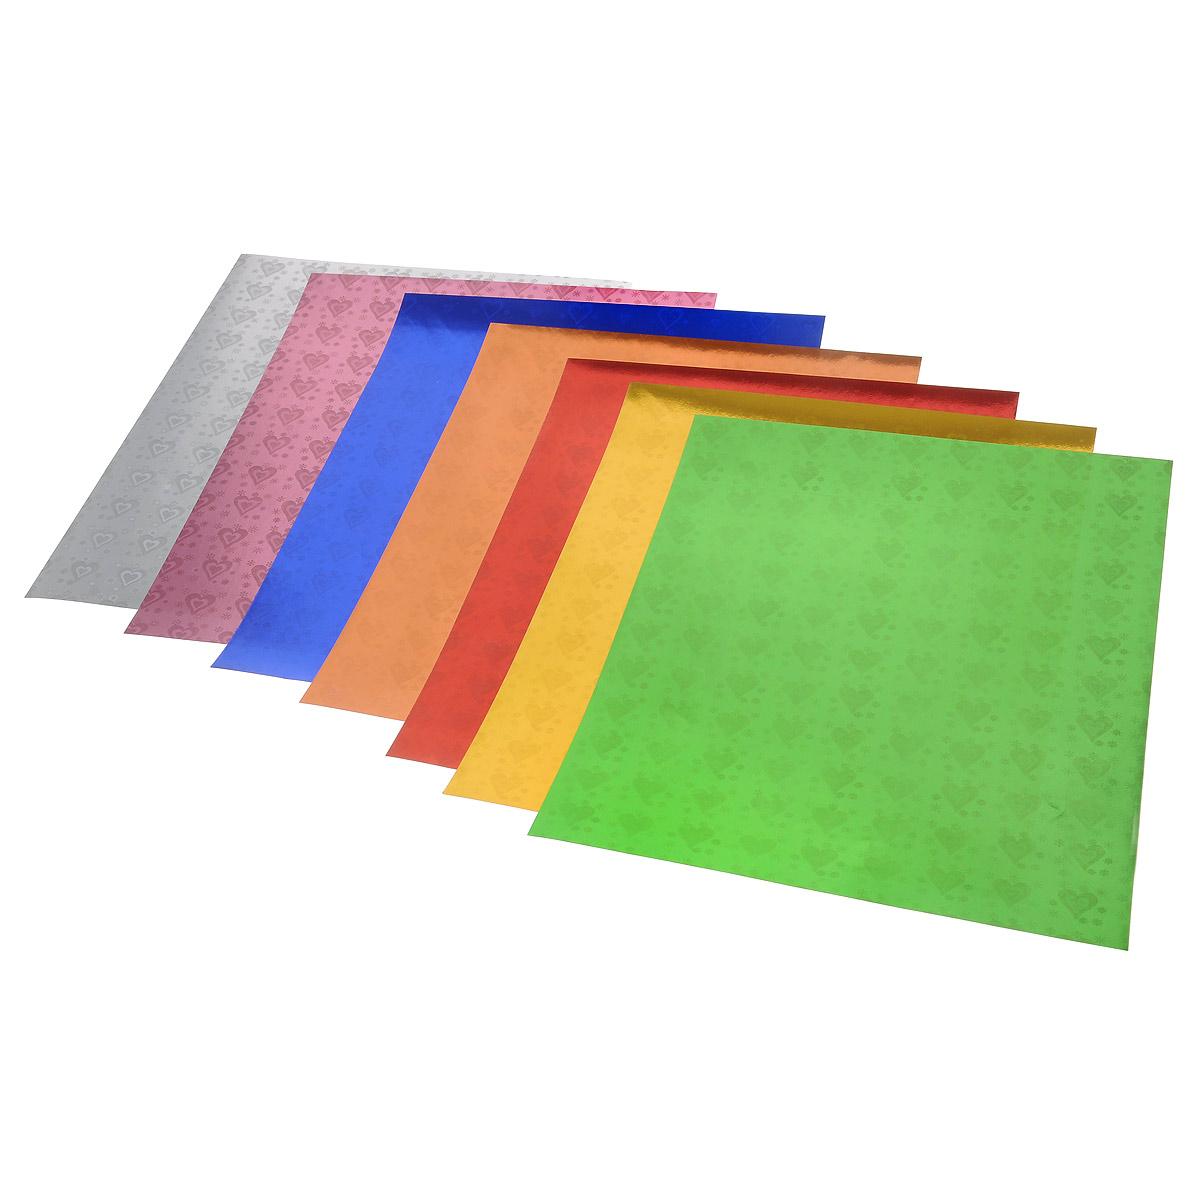 Набор цветной фольги Бриз позволит вам создавать всевозможные аппликации и поделки. Набор состоит из семи листов цветной голографической фольги: желтого, бордового, оранжевого, голубого, синего, красного и зеленого цветов. Изделия из переливающейся фольги с изображением сердечек будут отличаться яркостью и оригинальностью! Создание поделок из цветной фольги - увлекательное времяпрепровождение, которое позволяет ребенку развивать творческие способности.